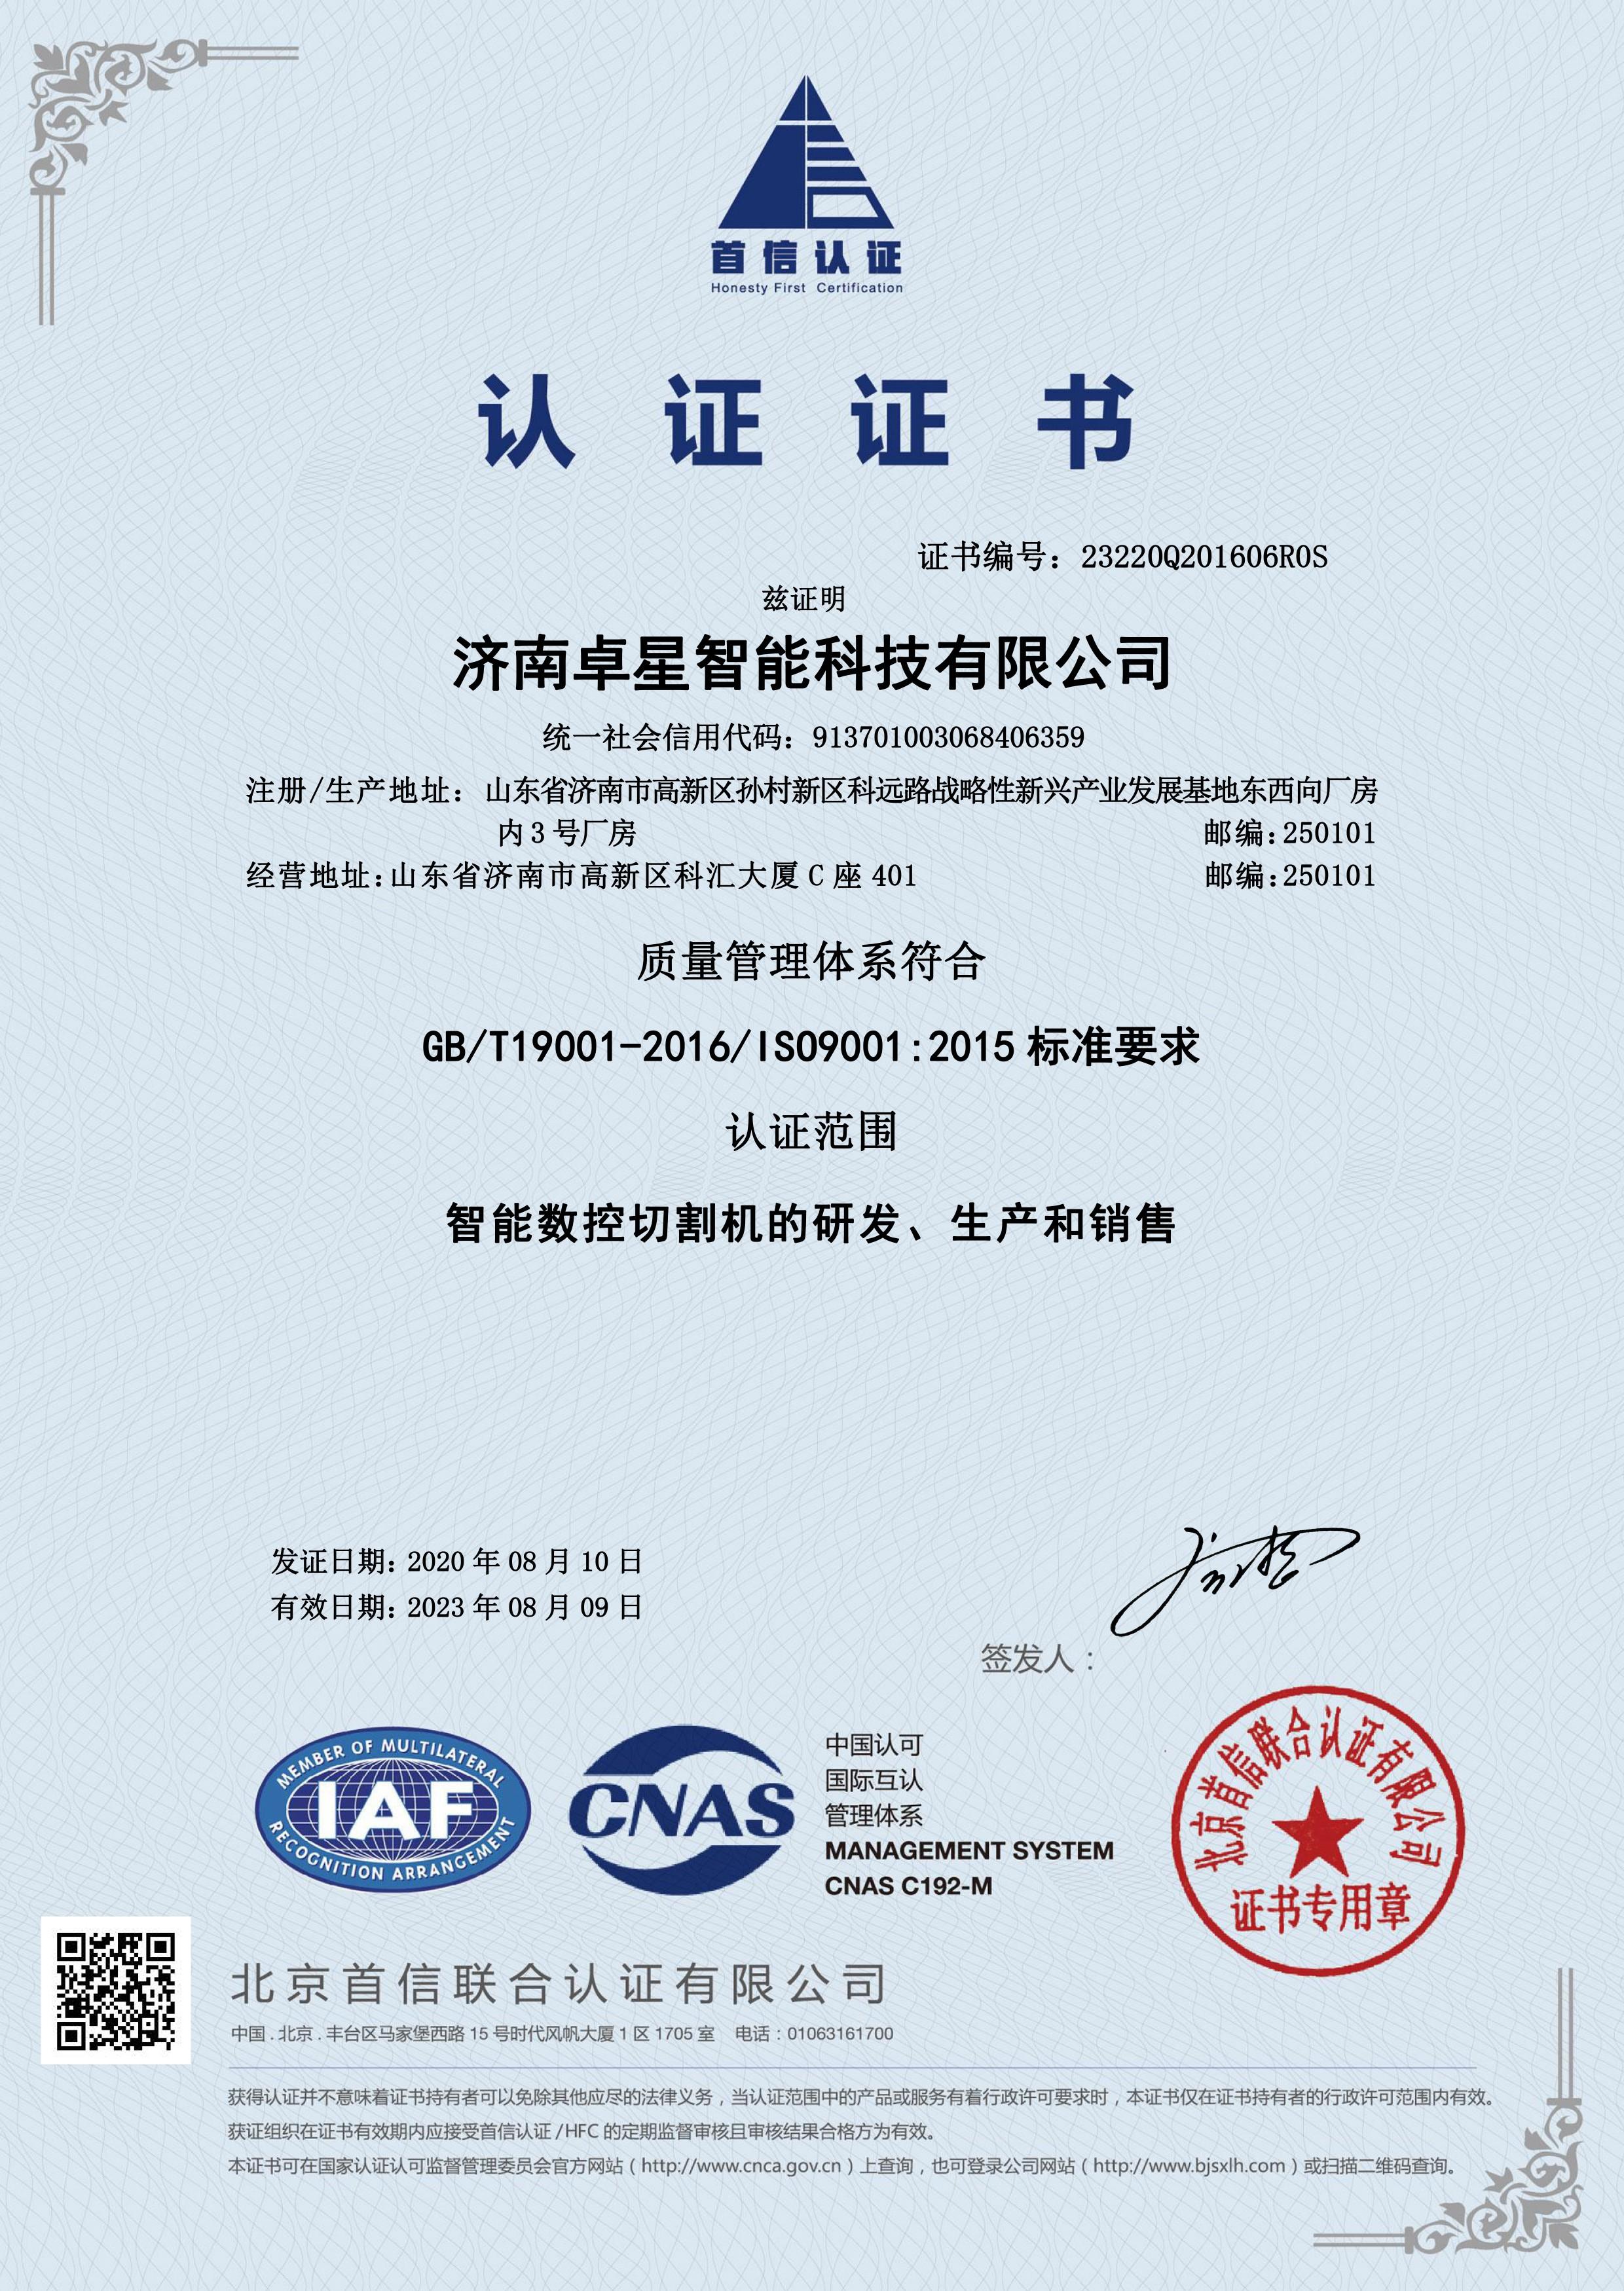 新的ISO-9001中文